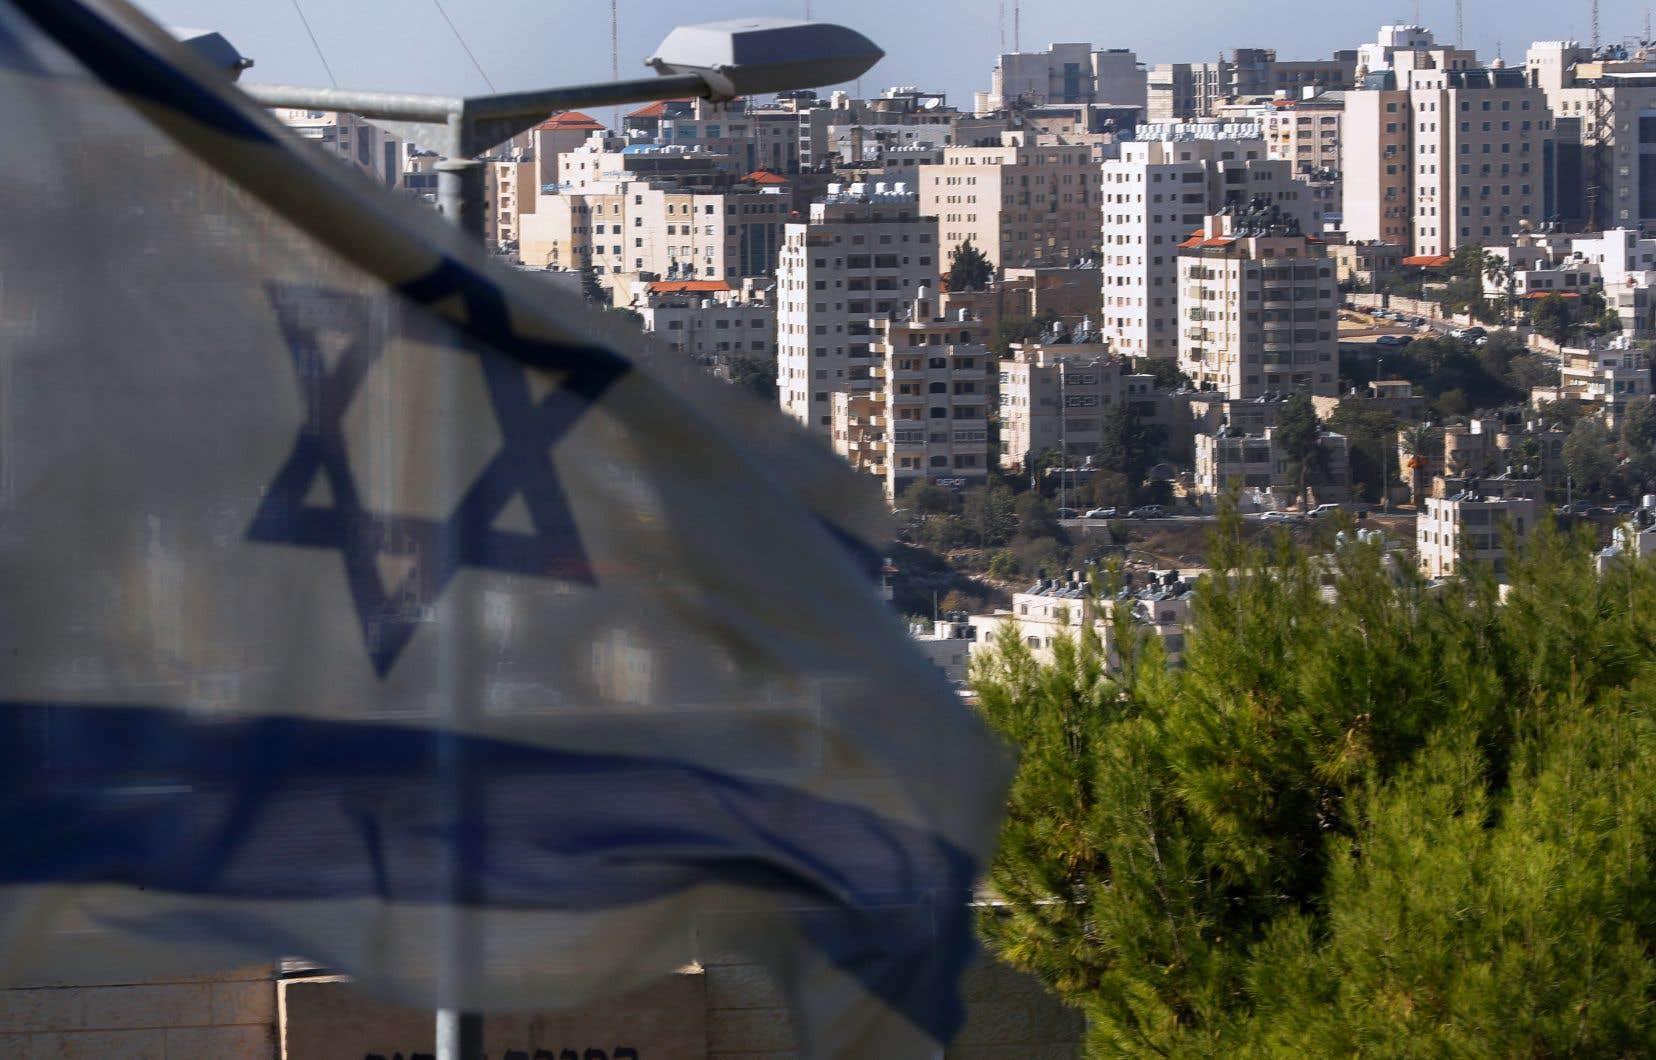 Vue de la ville palestinienne de Ramallah, en Cisjordanie occupée, depuis la colonie israélienne de Psagot